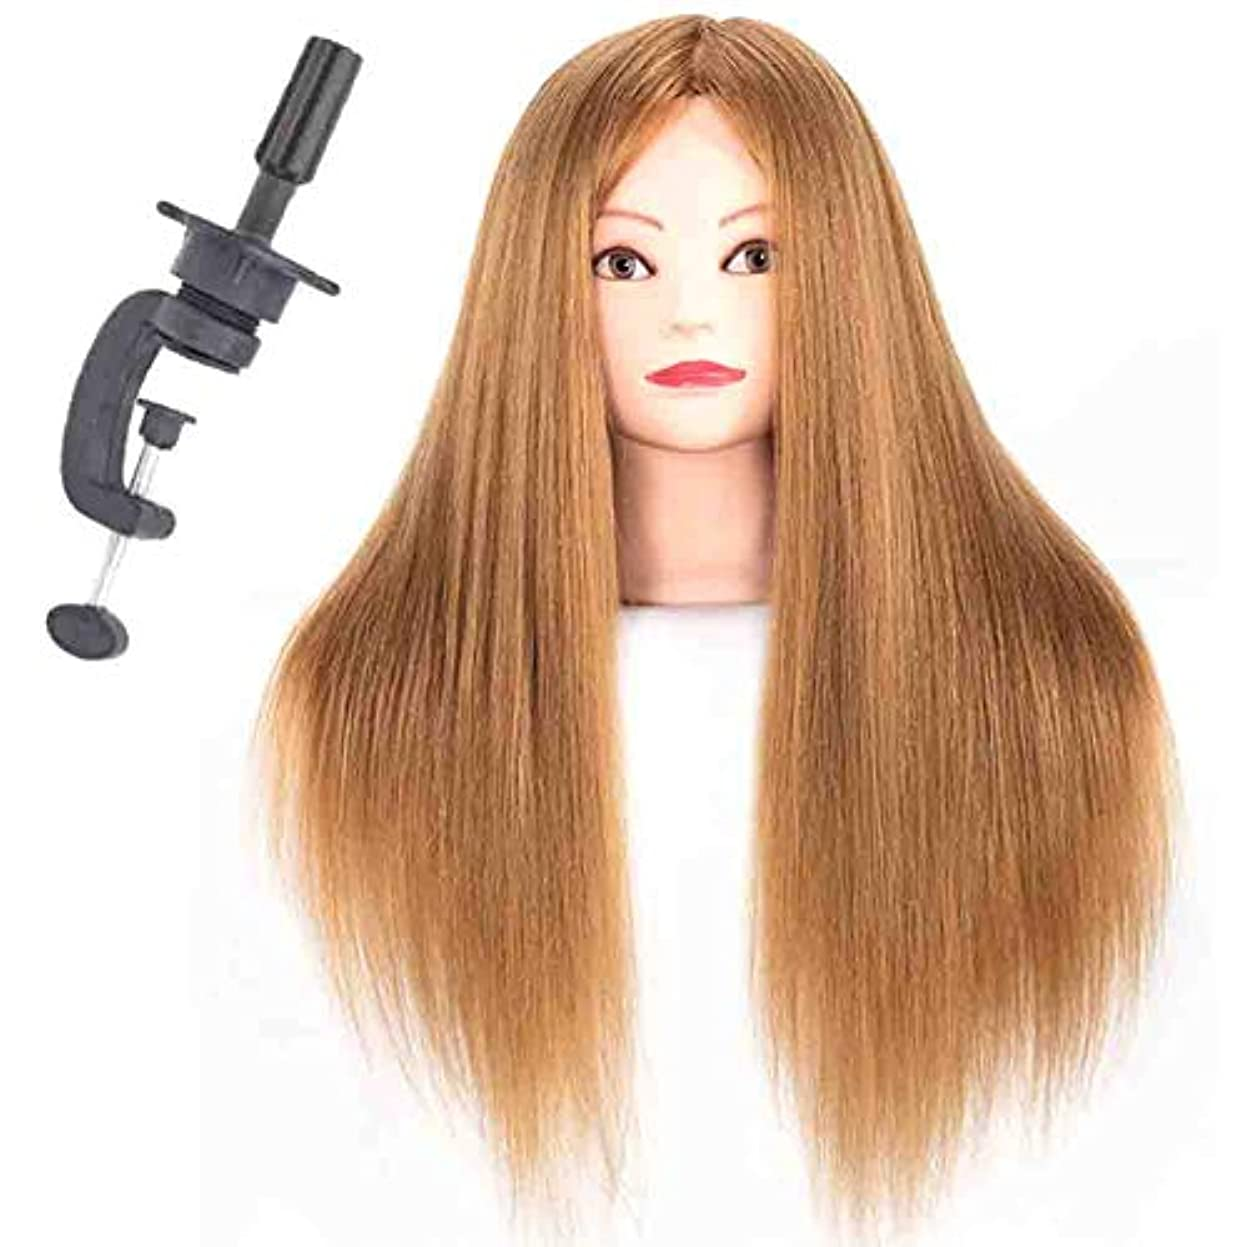 85%ミックスリアルヘアトレーニングヘッド花嫁ヘア三つ編みヘアサロンヘアカットカーリングロッド形状モデルダミーヘッド